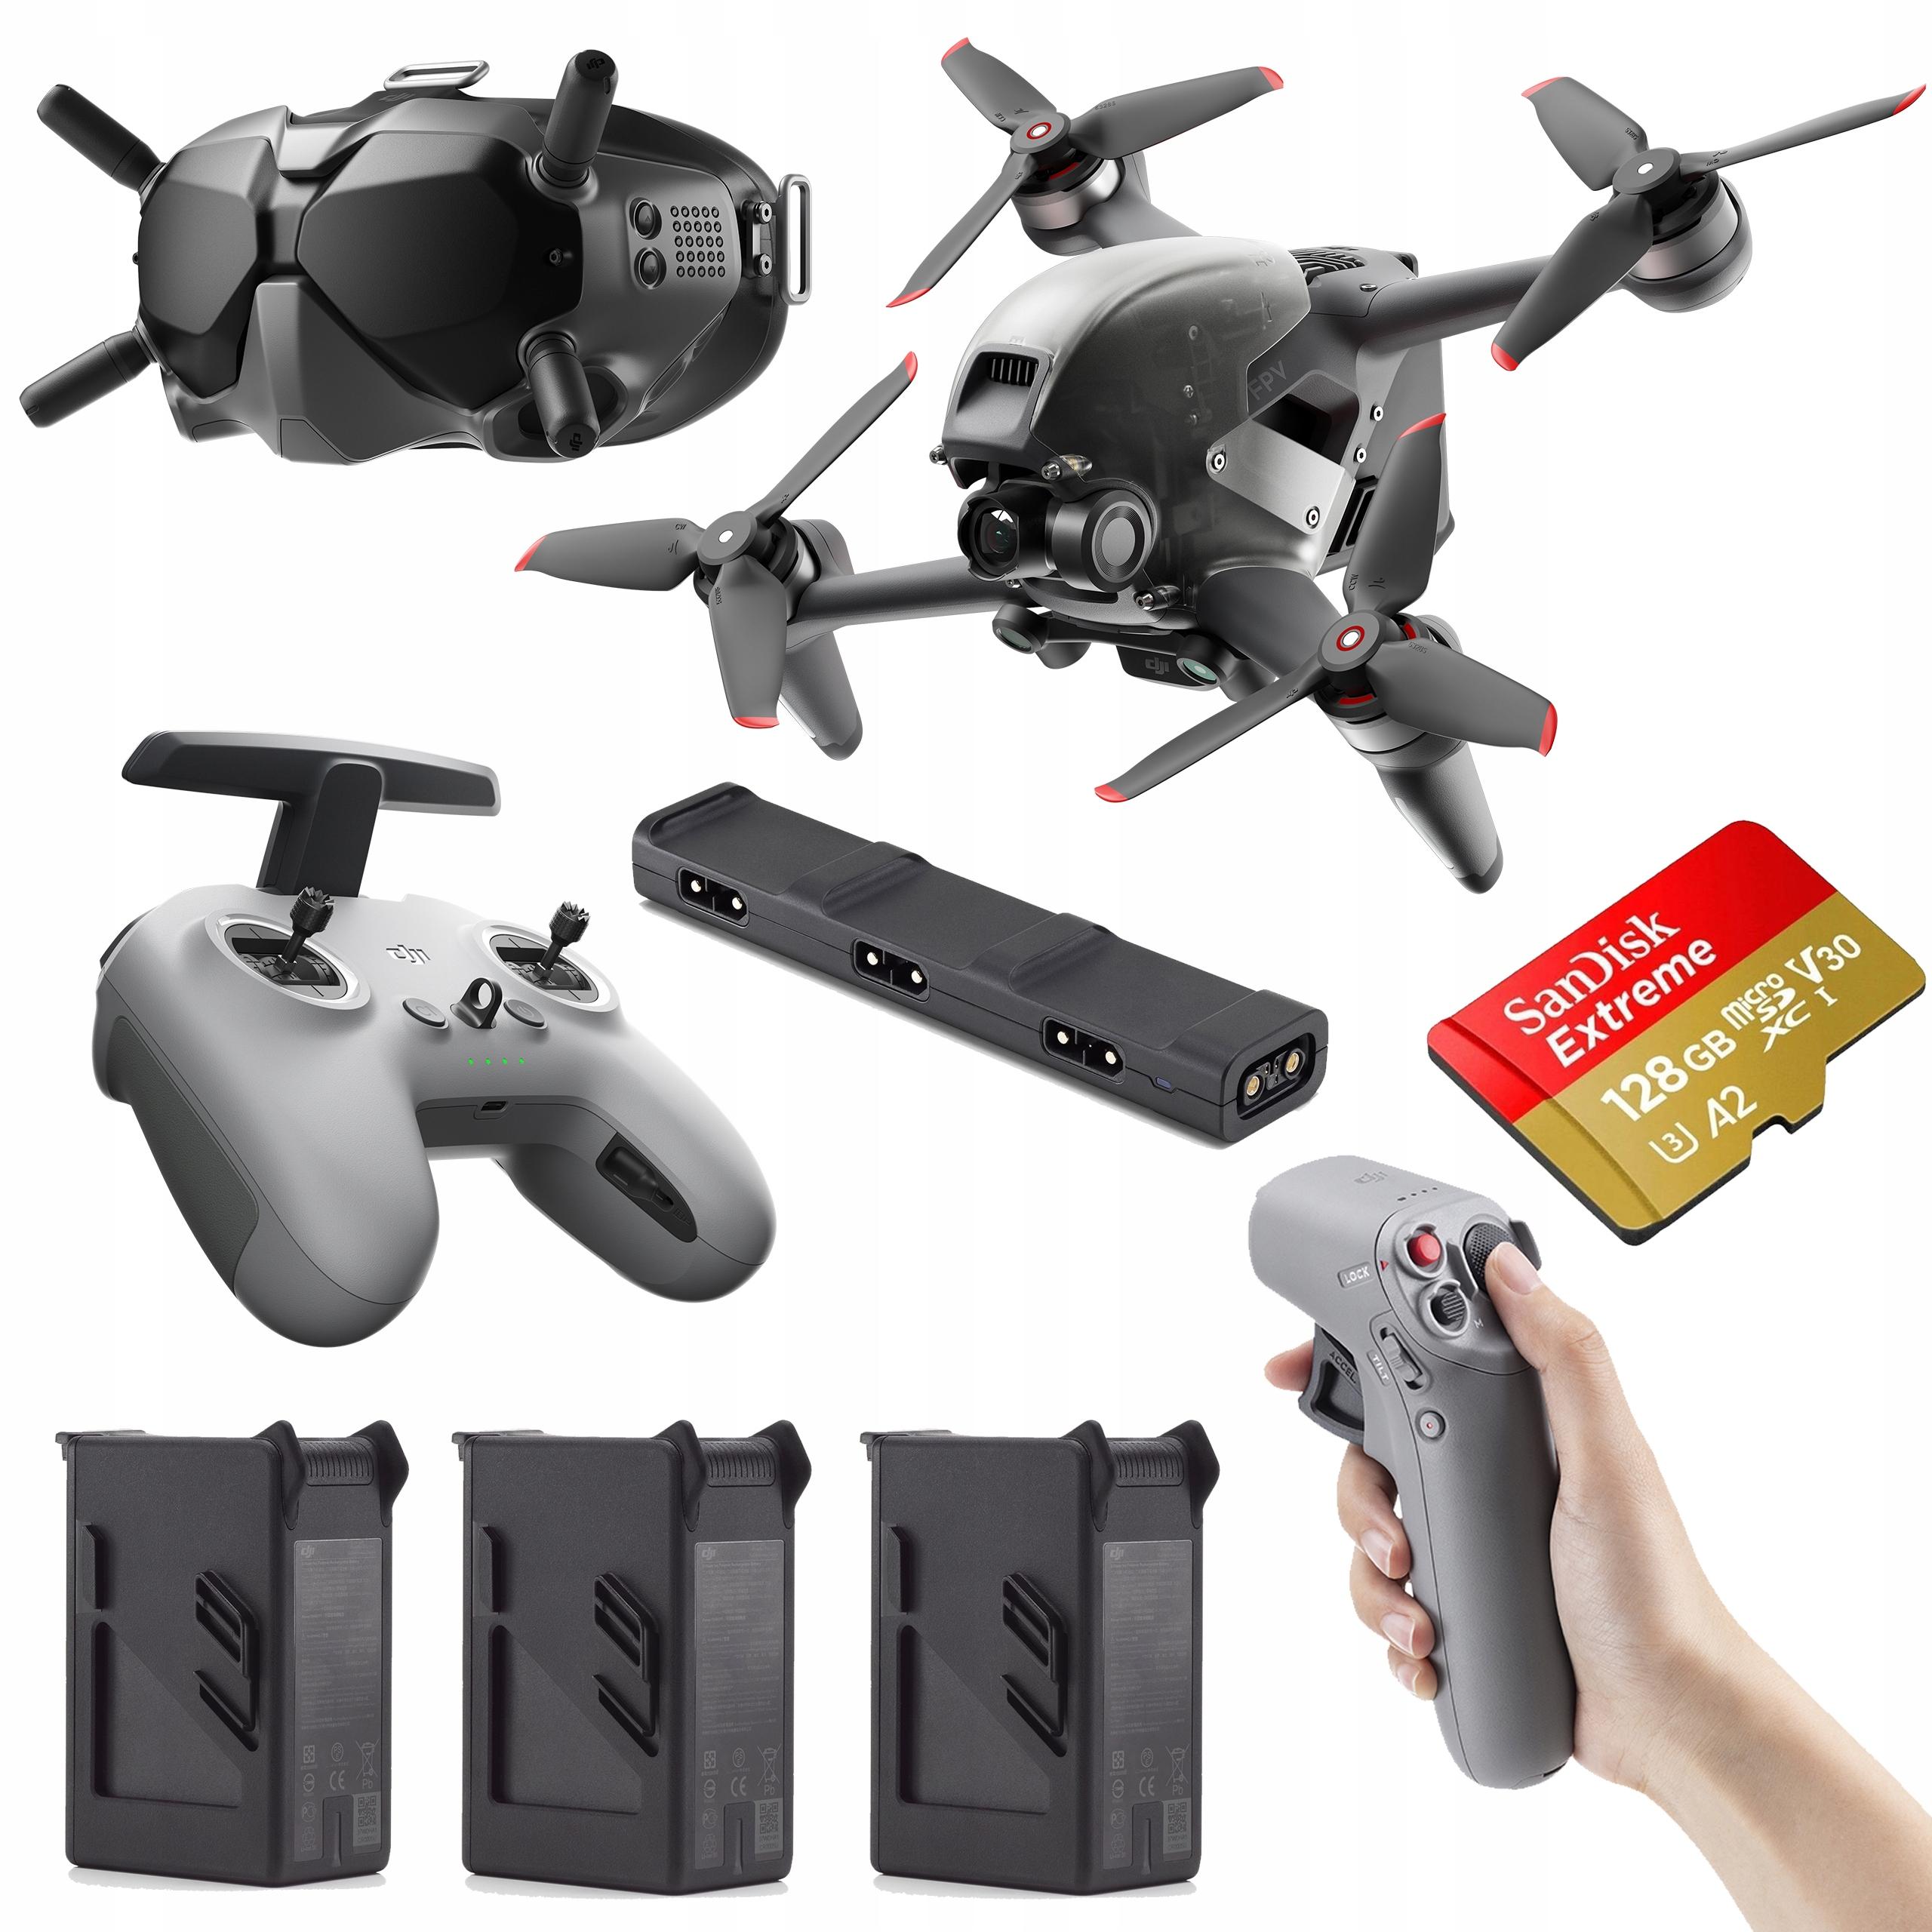 Dron DJI FPV Combo + Fly More Kit + DJI Motion